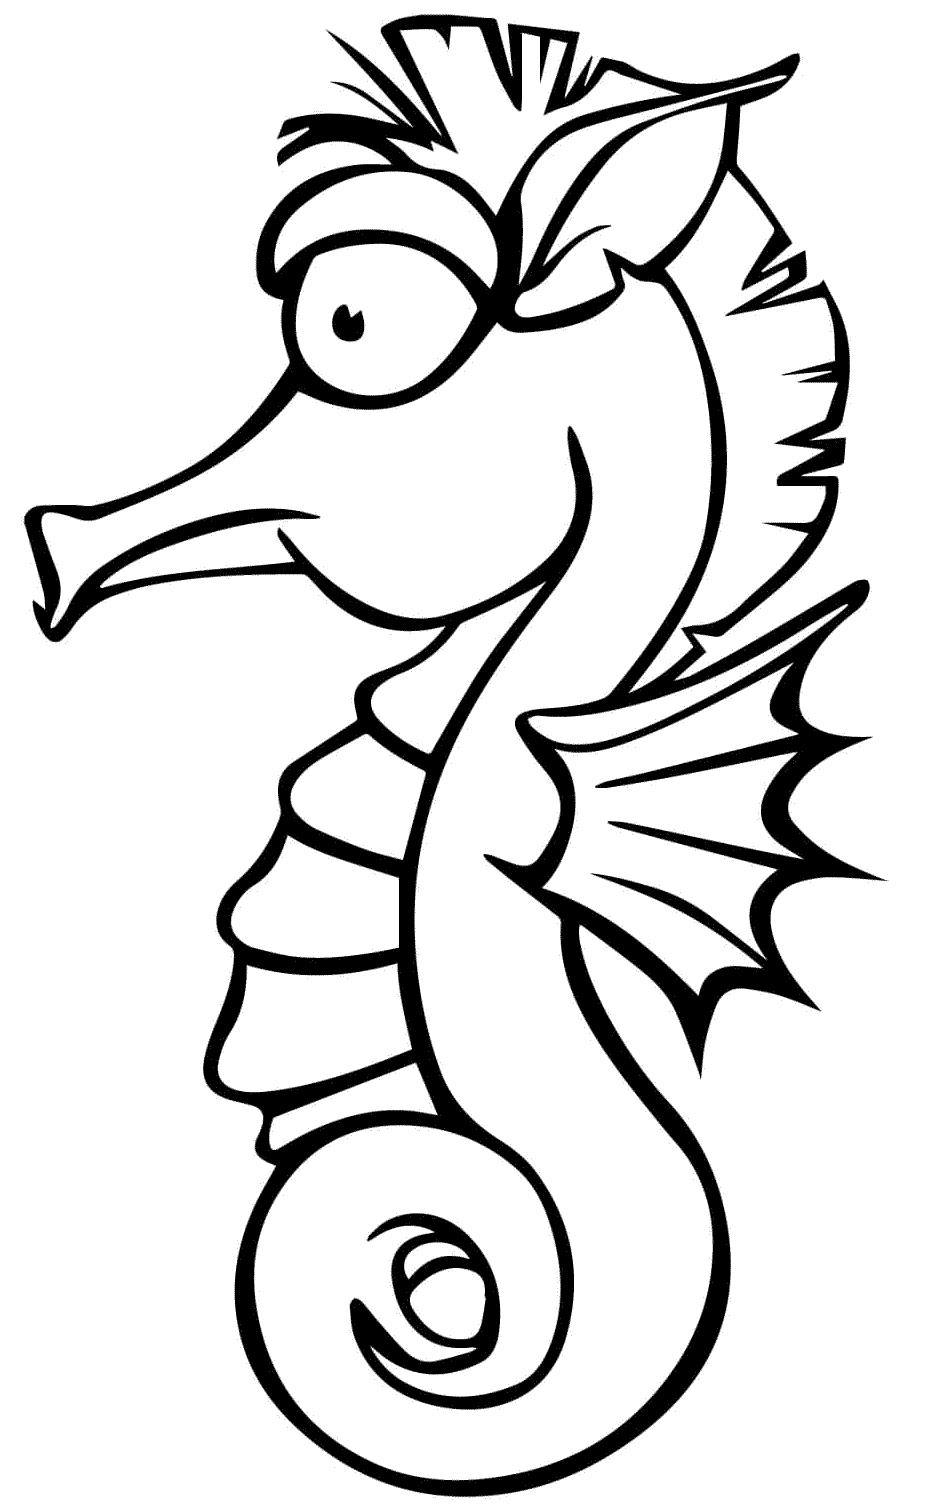 13 disegni cavalluccio marino da colorare per bambini for Cavalluccio marino disegno